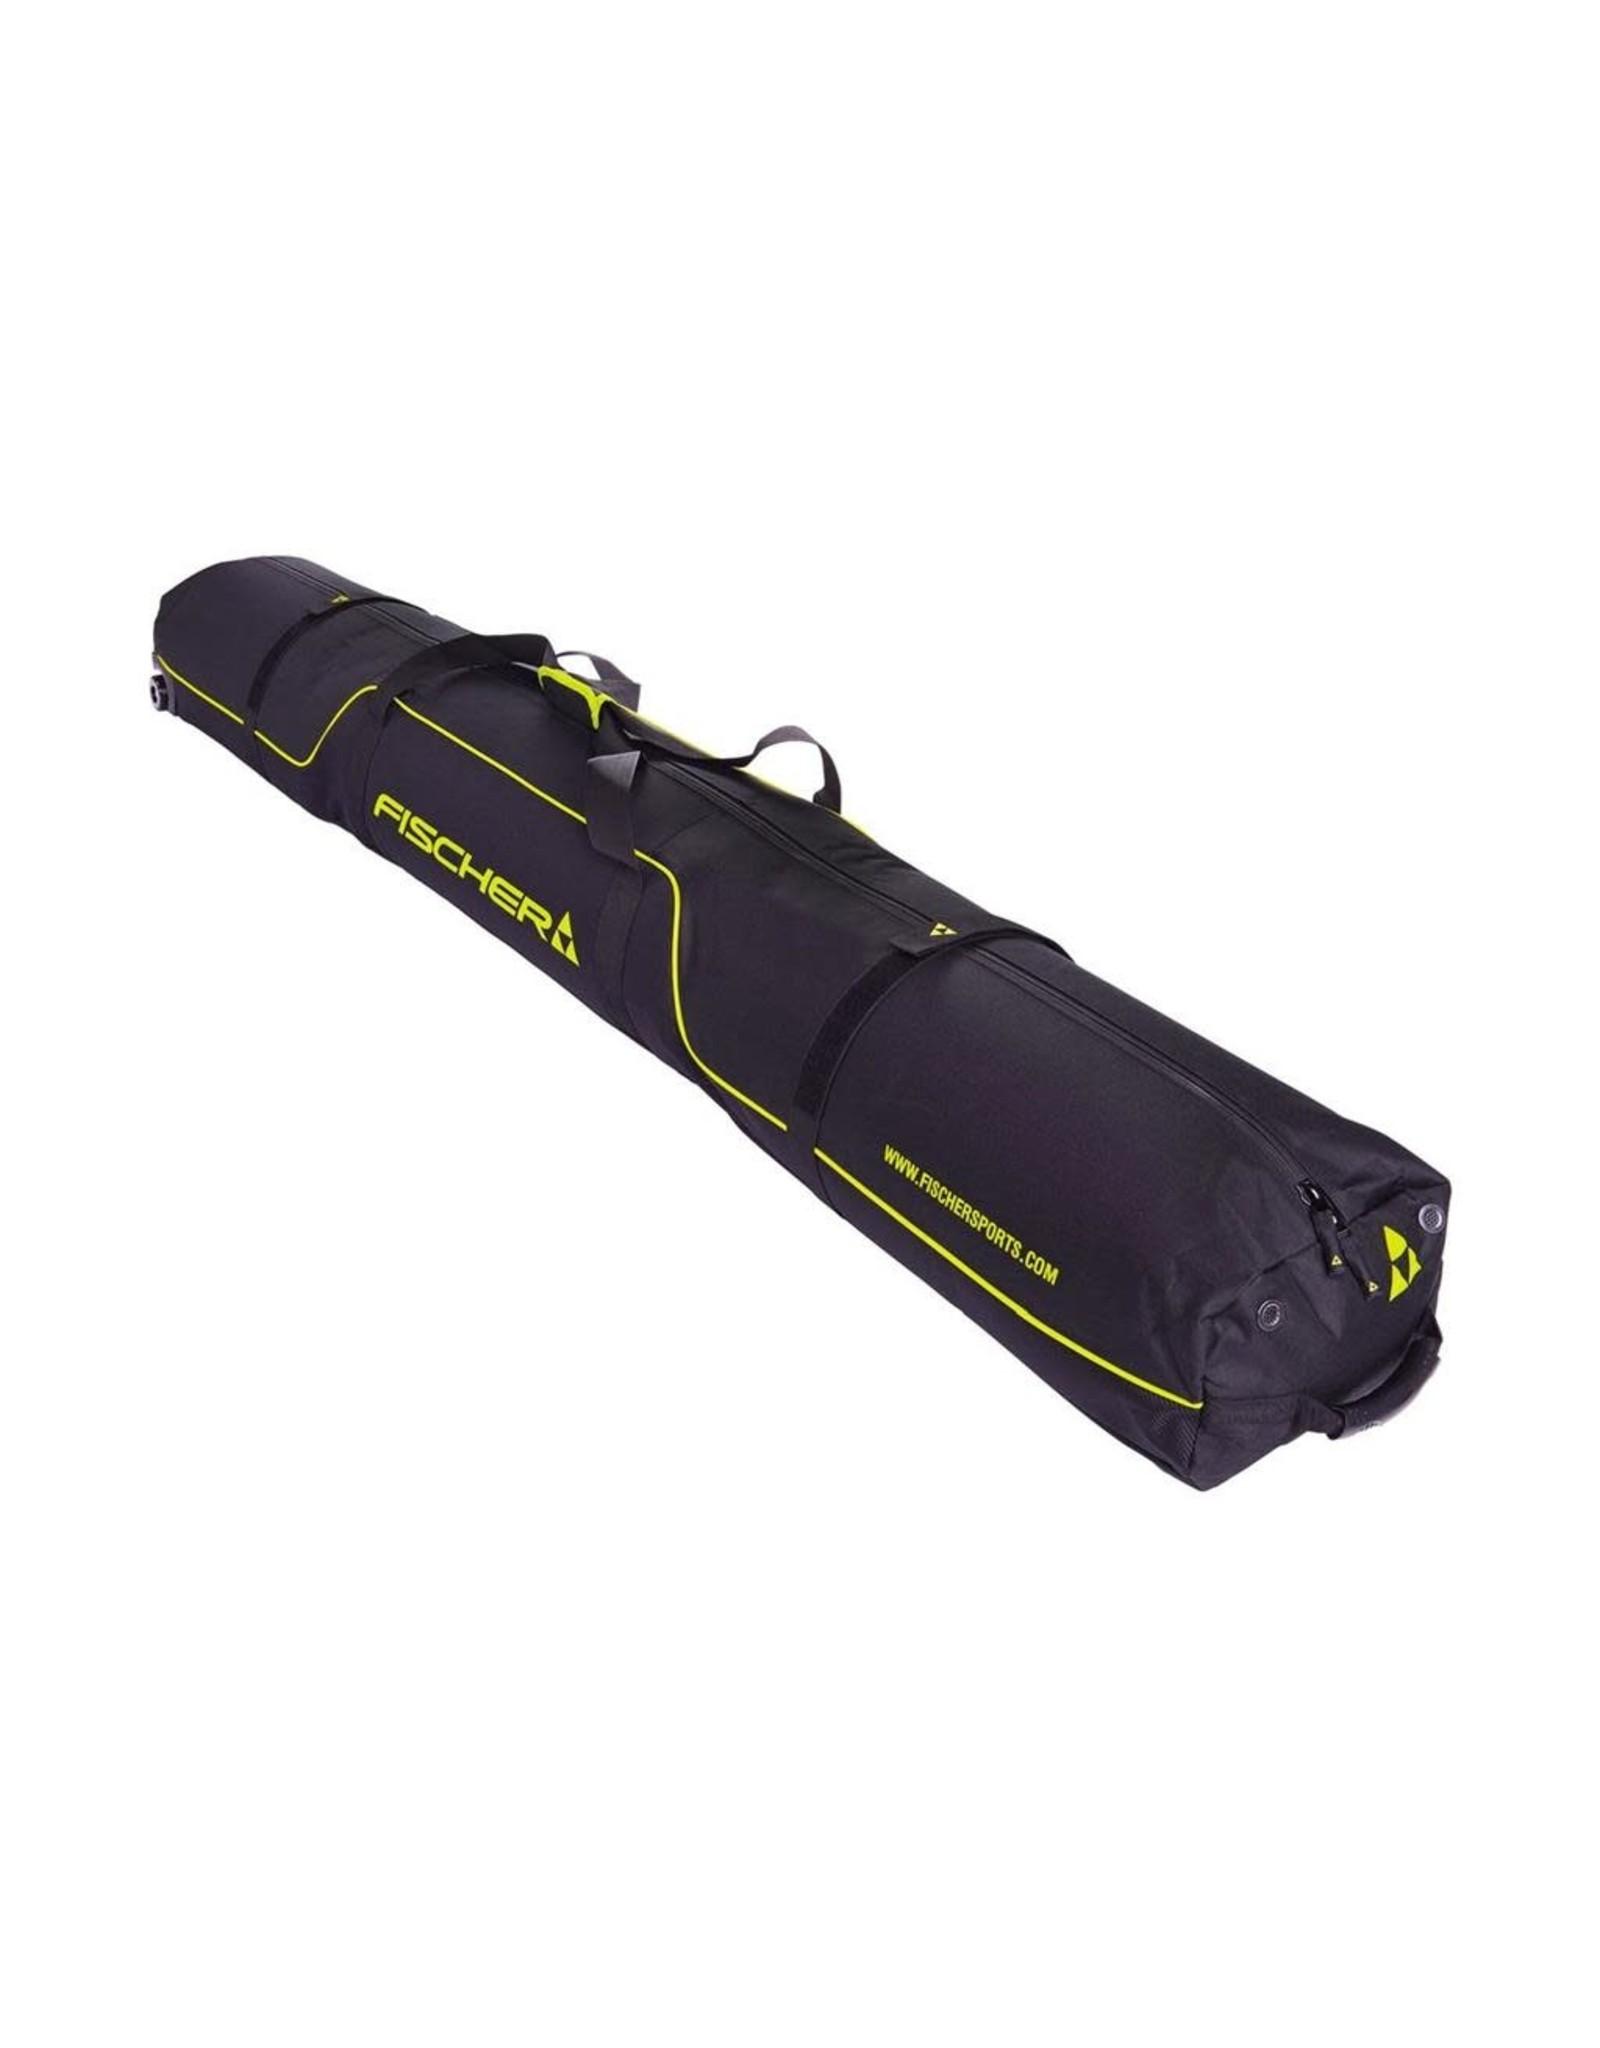 Fischer FISCHER, Ski Bag, 5 Pair Performance Wheels - 210